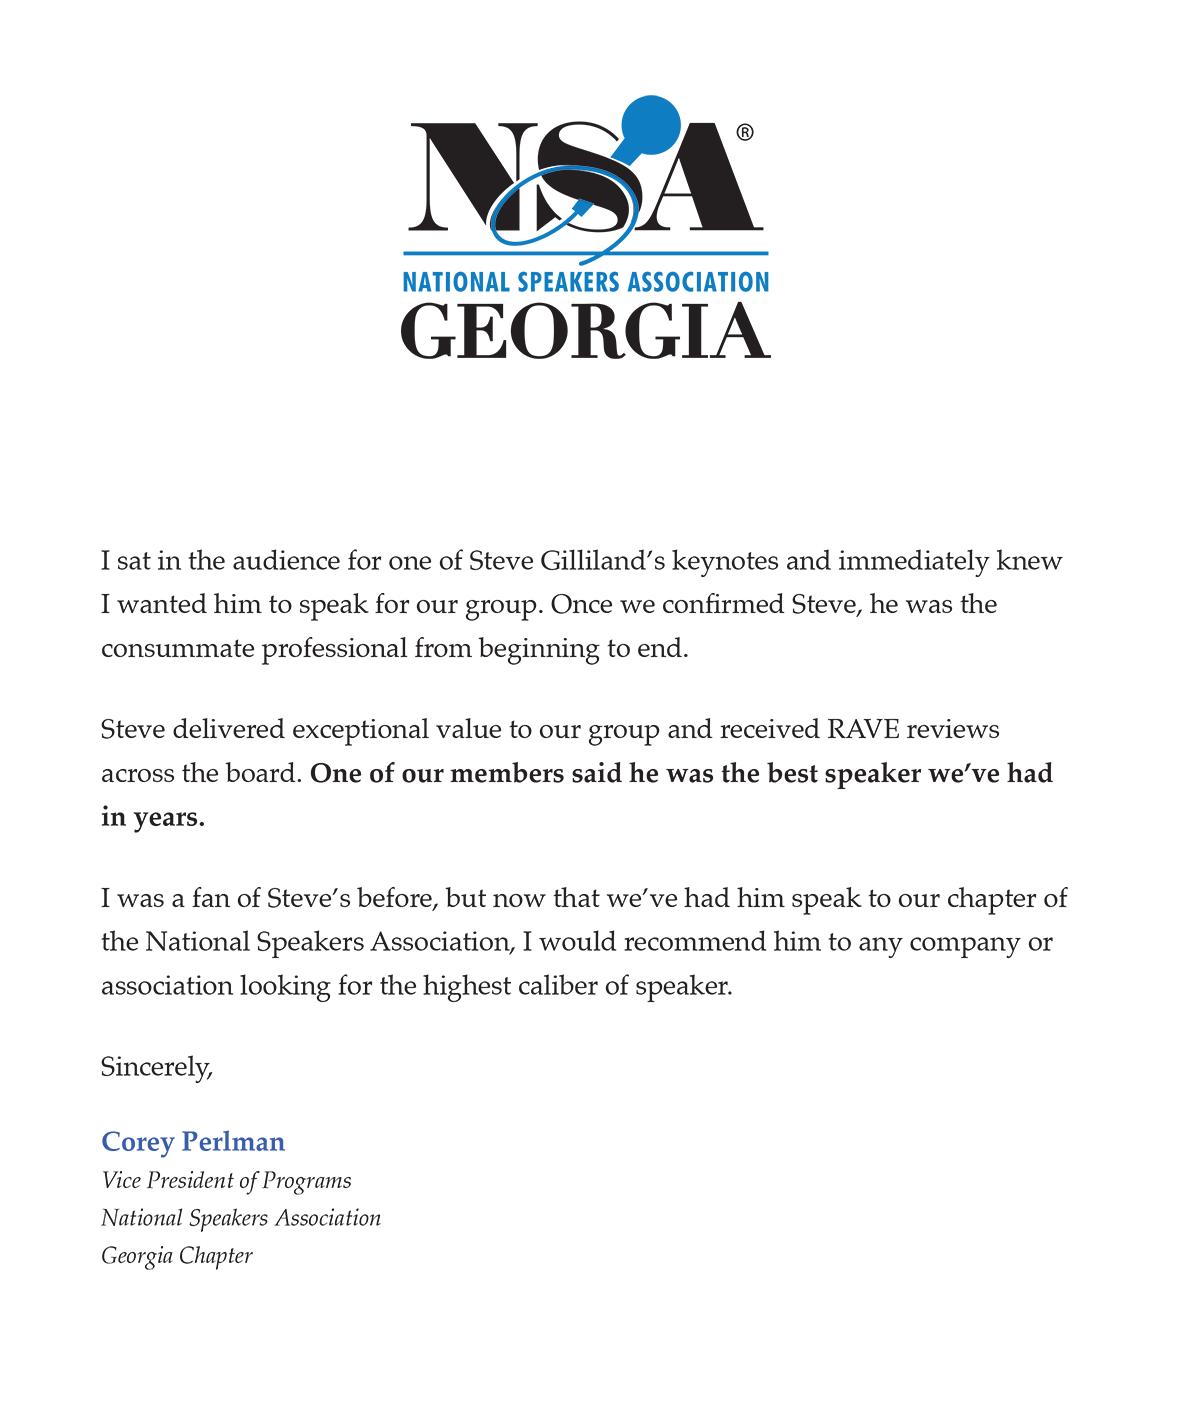 NSA-Georgia